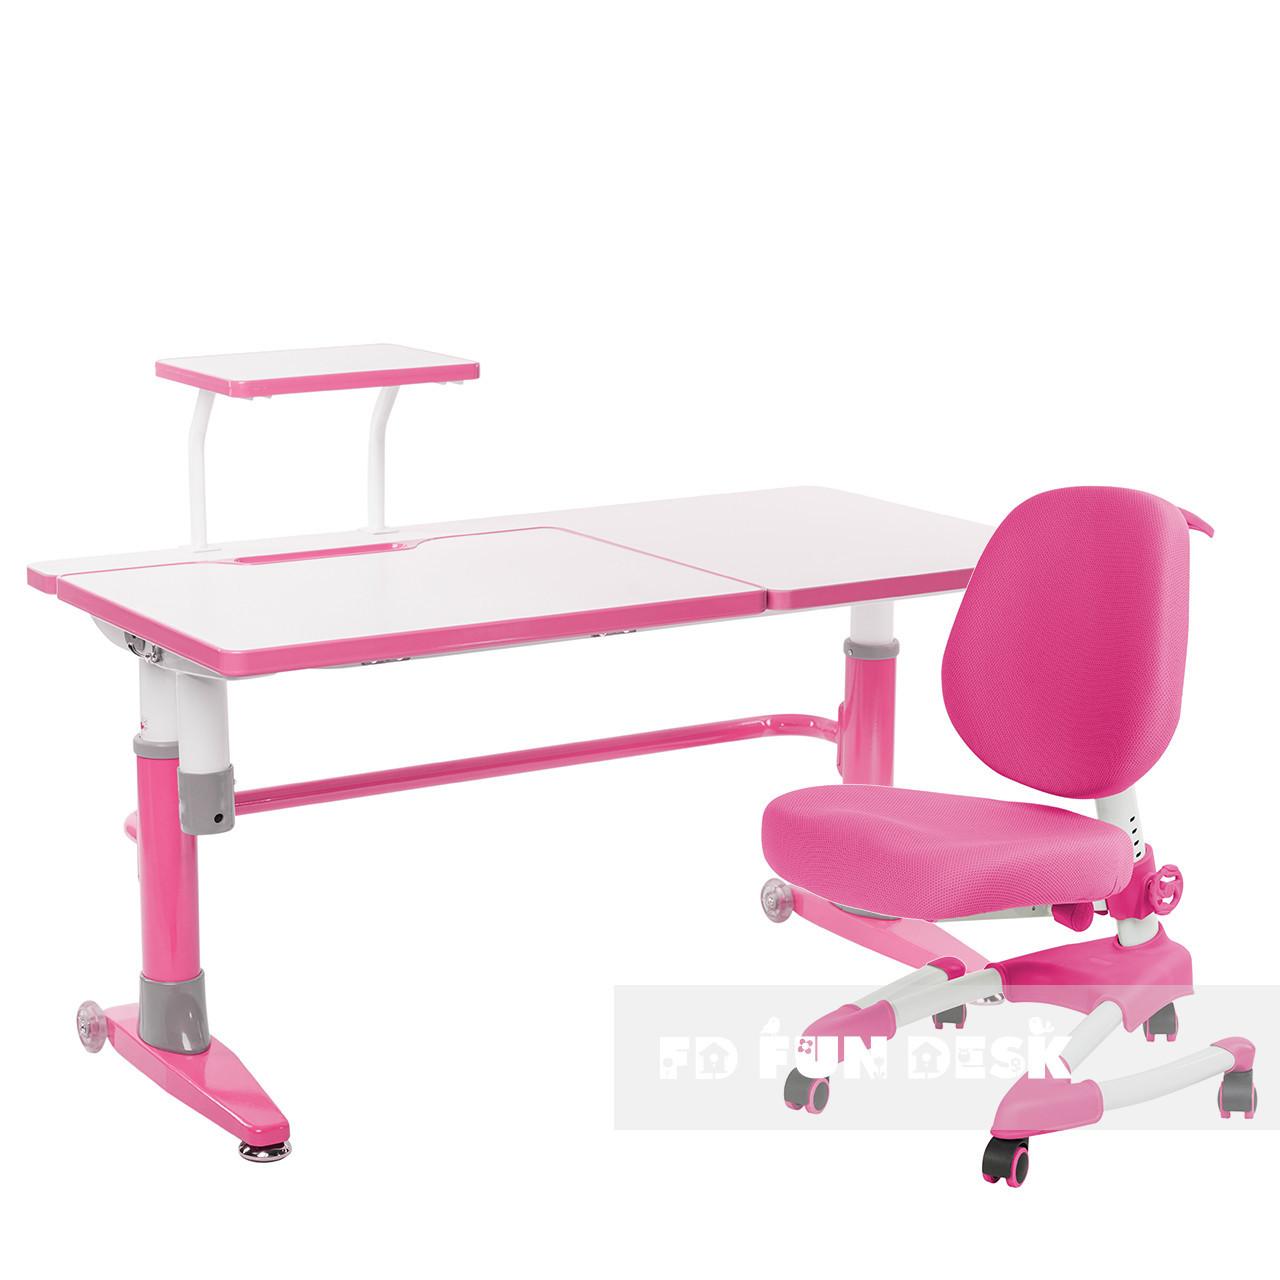 Комплект подростковая парта для школы Ballare Pink + ортопедическое кресло Buono Pink FunDesk